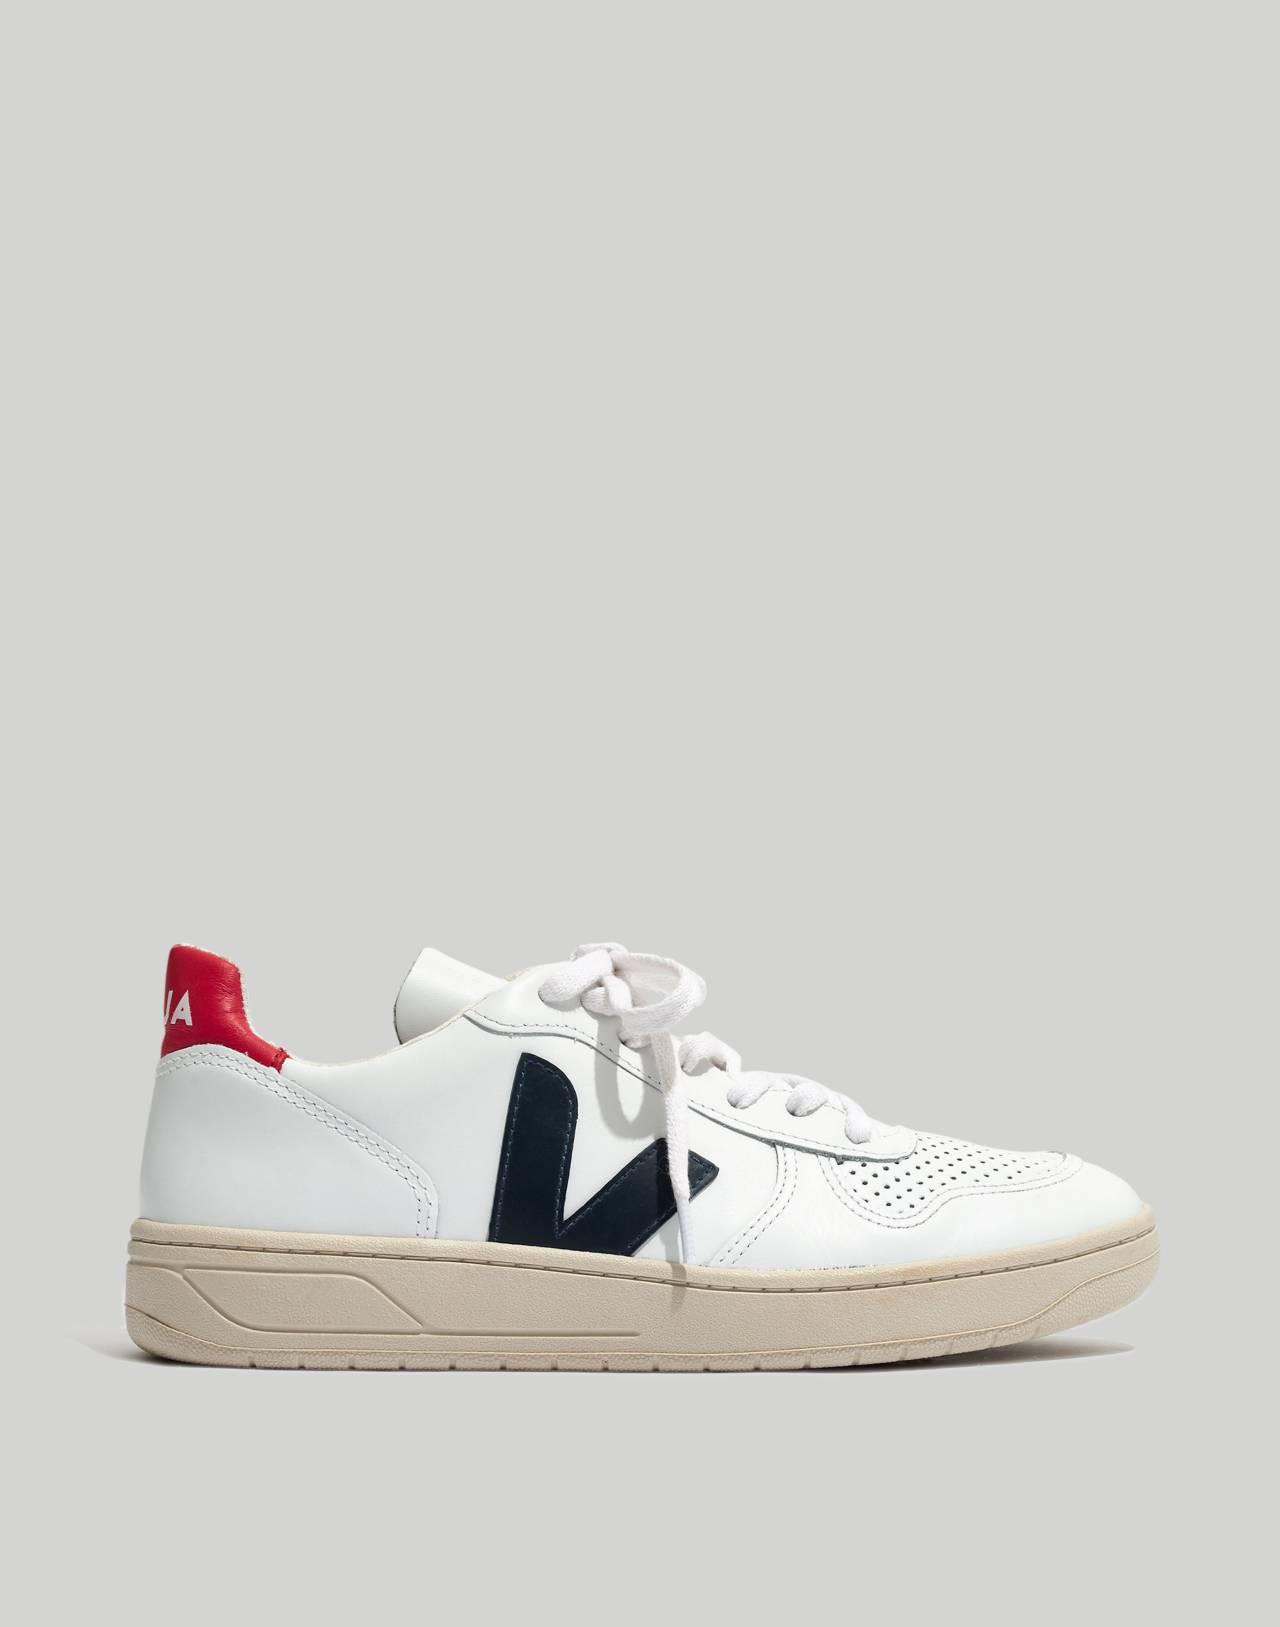 Veja™ V-10 Sneakers in Colorblock in white navy red image 3